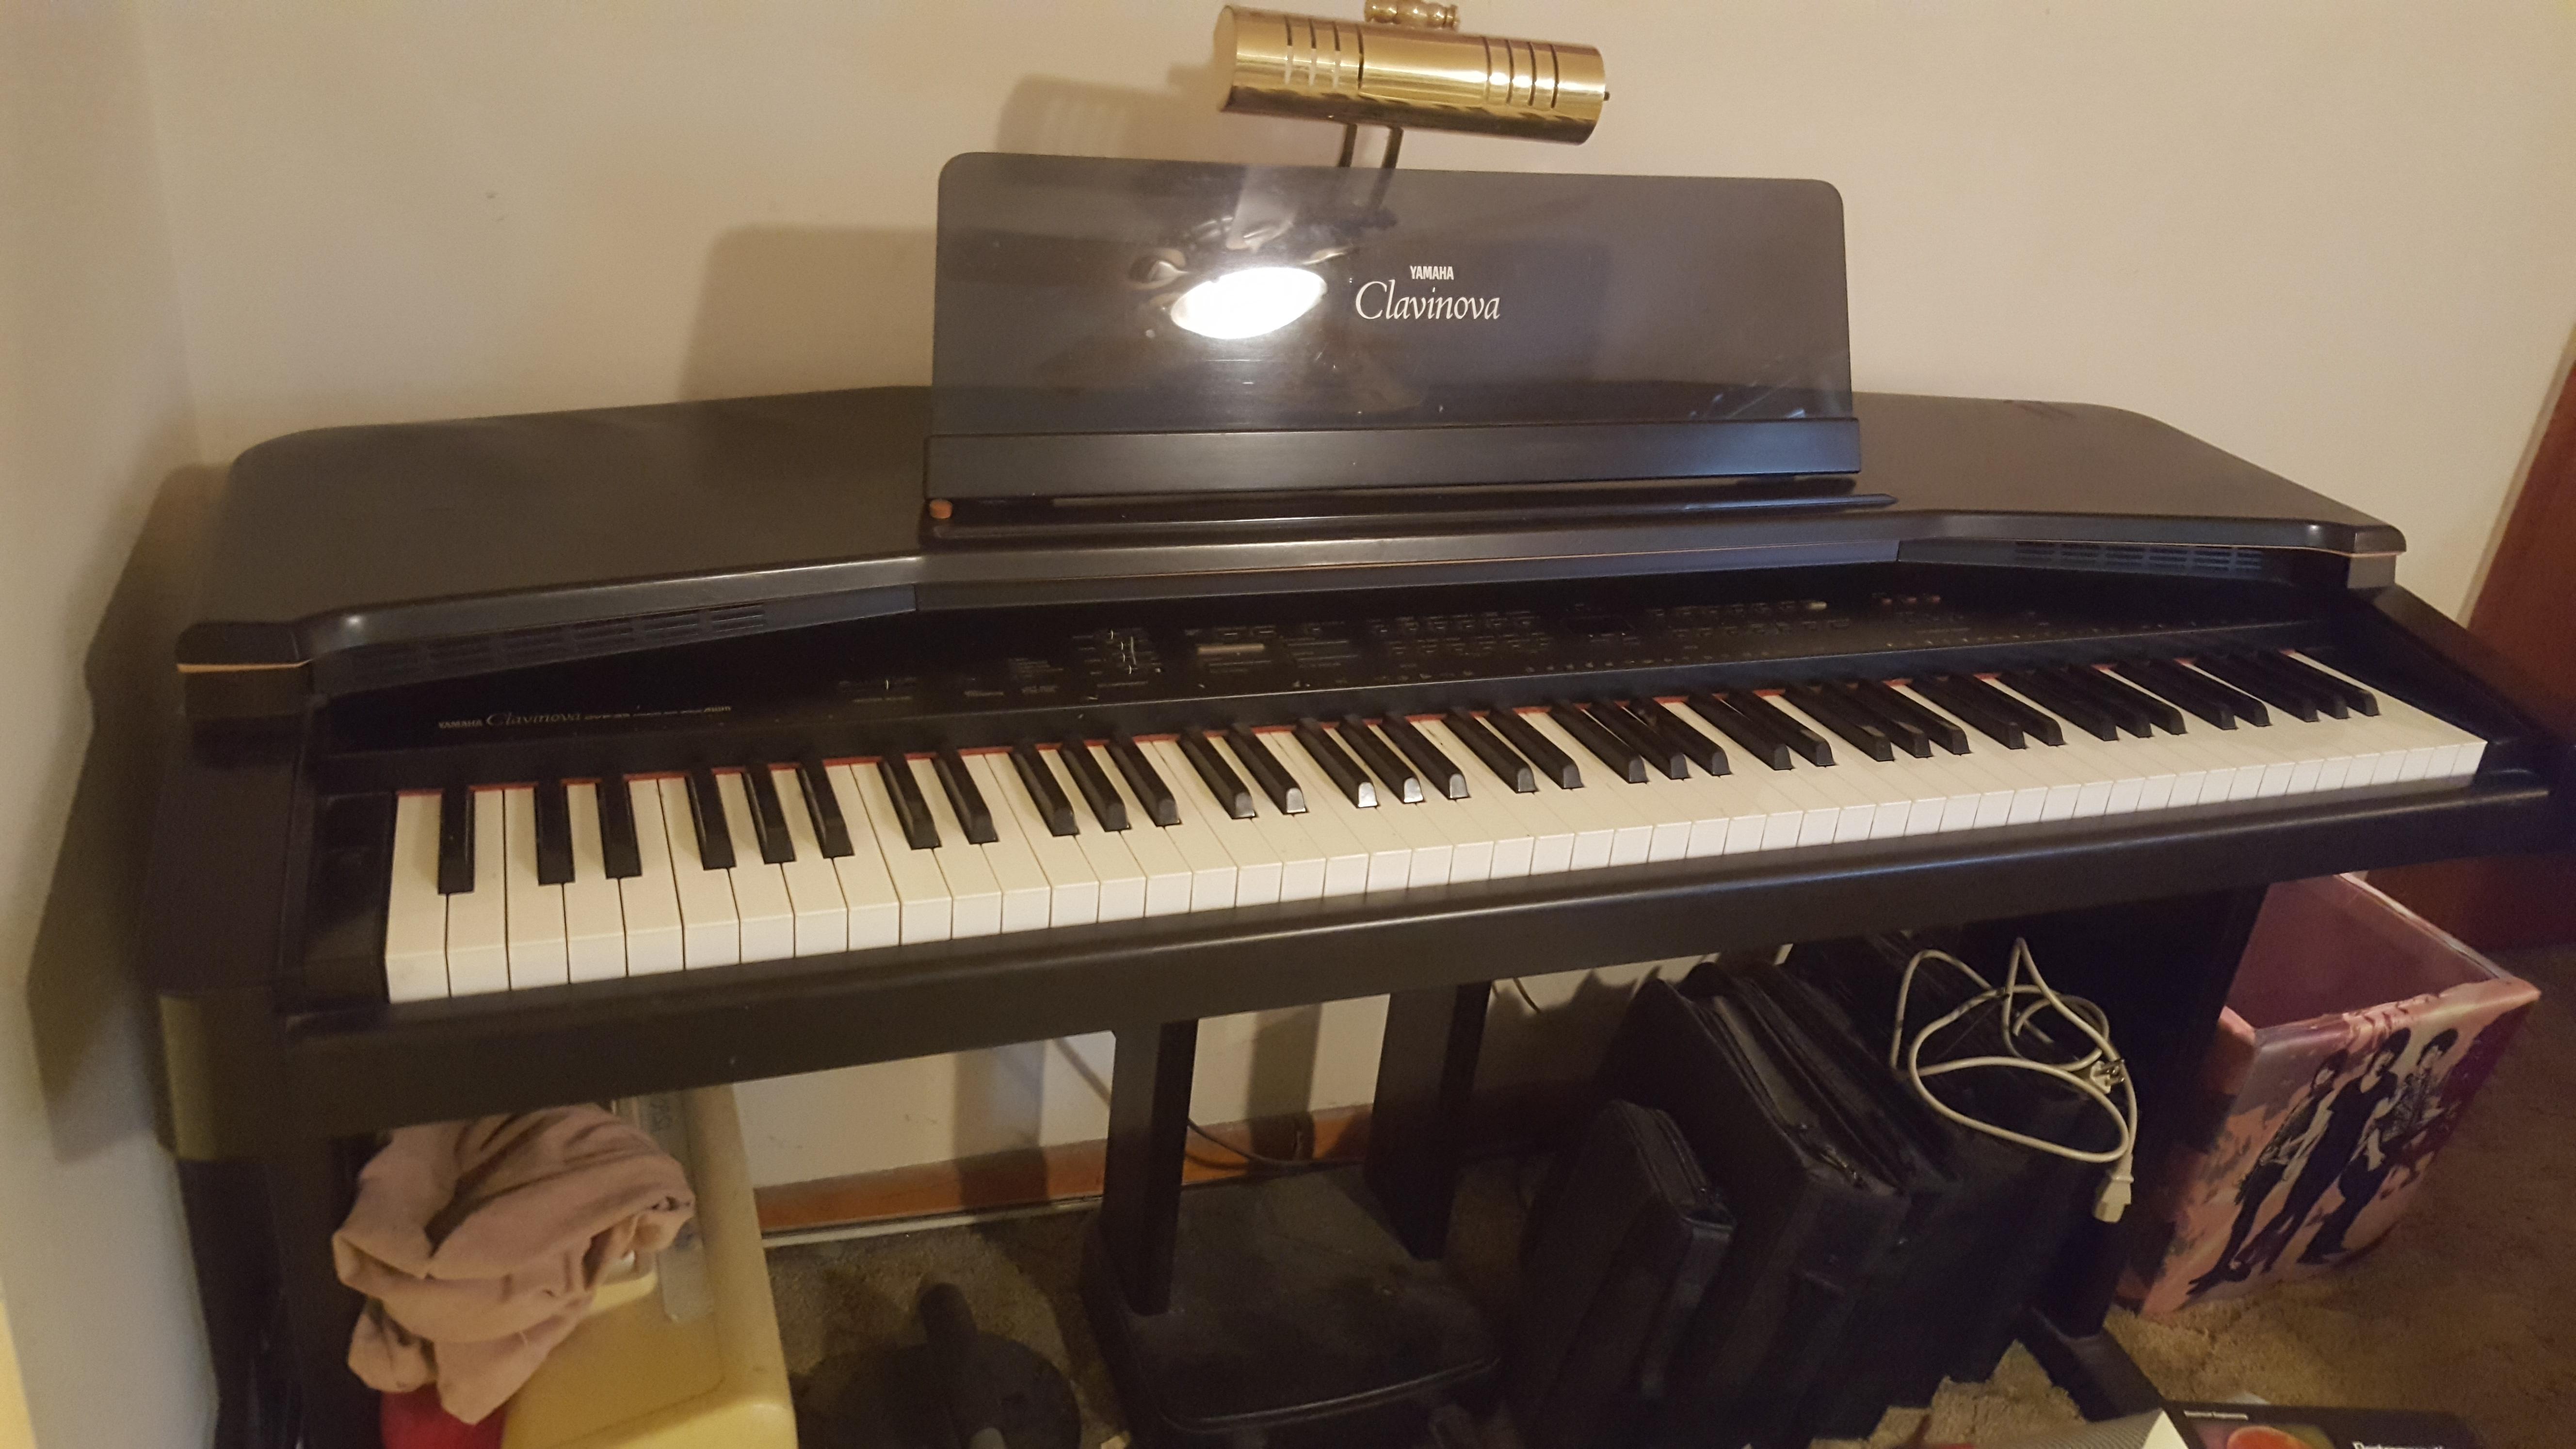 Yamaha cvp35 upright electronic piano keyboard synthesizer for Yamaha upright piano weight